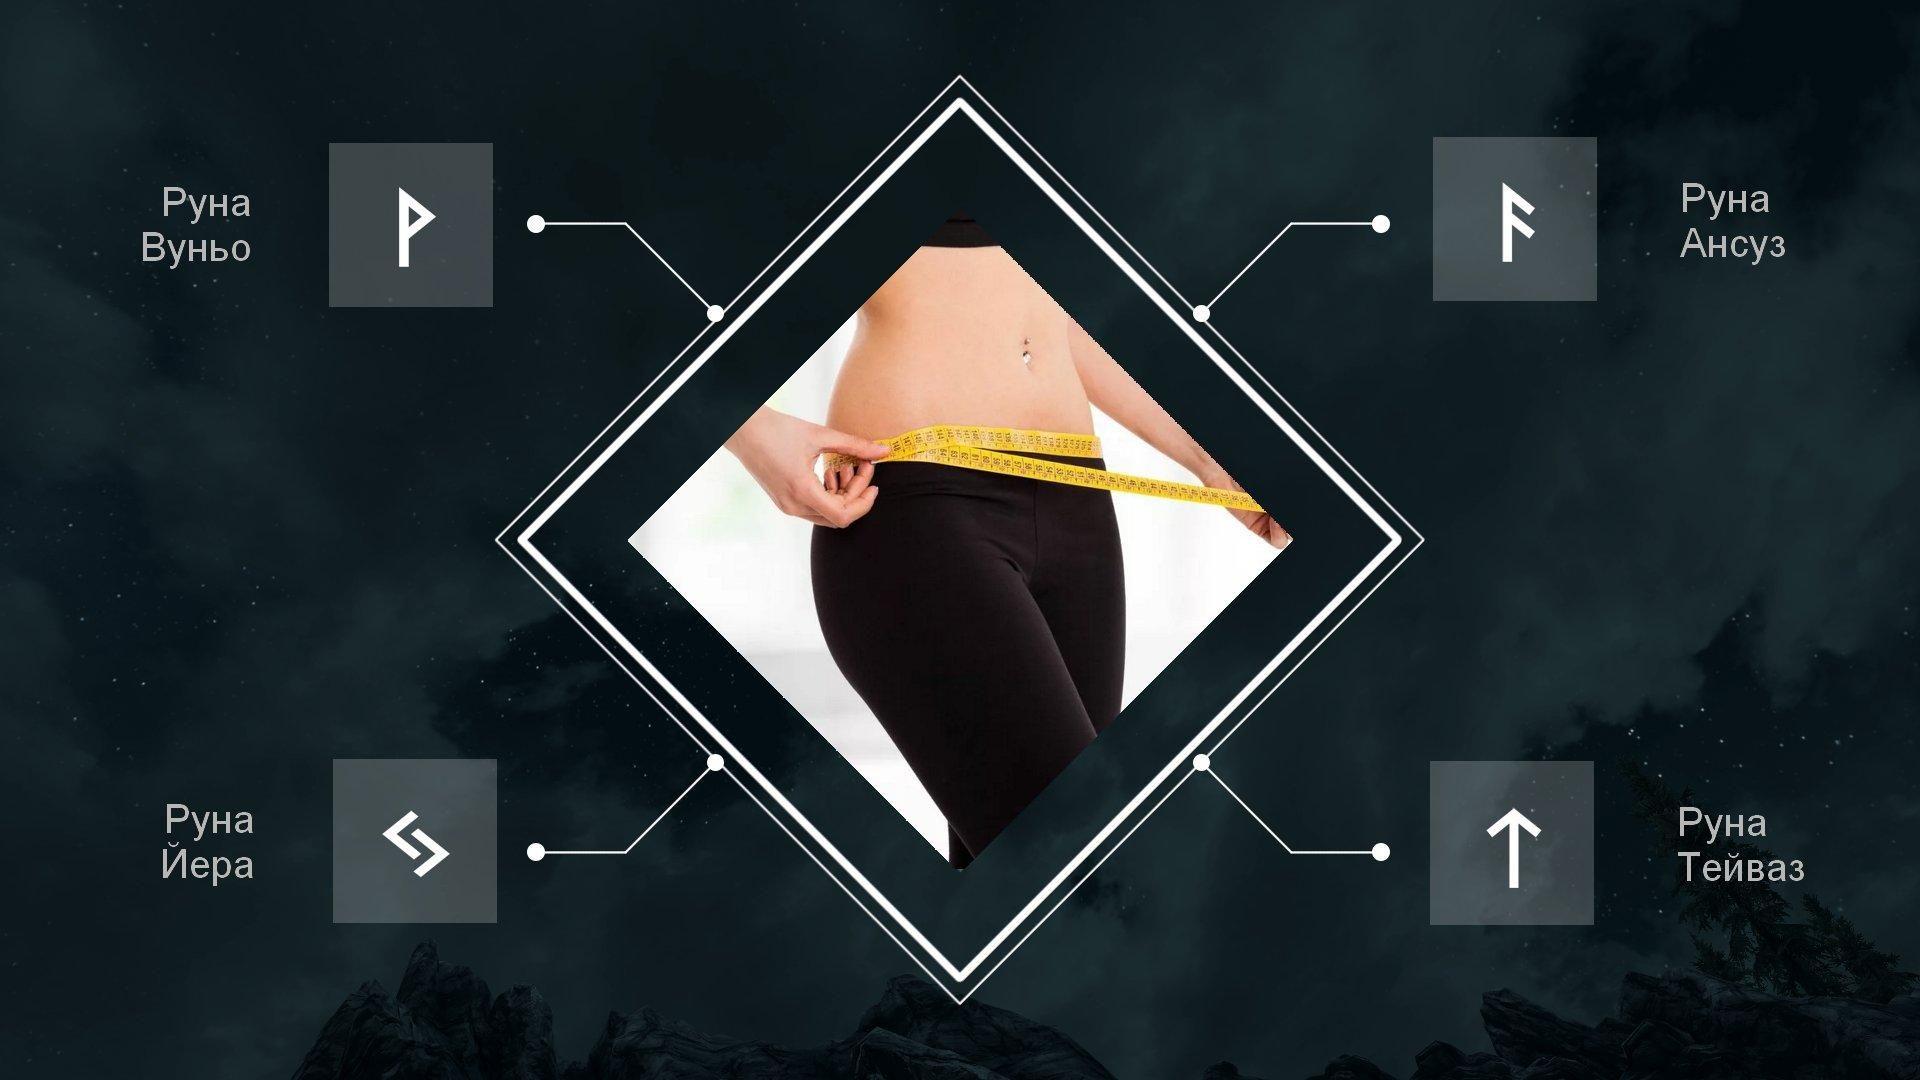 3 тайных рунных става чтобы похудеть, о которых не знают ваши подруги